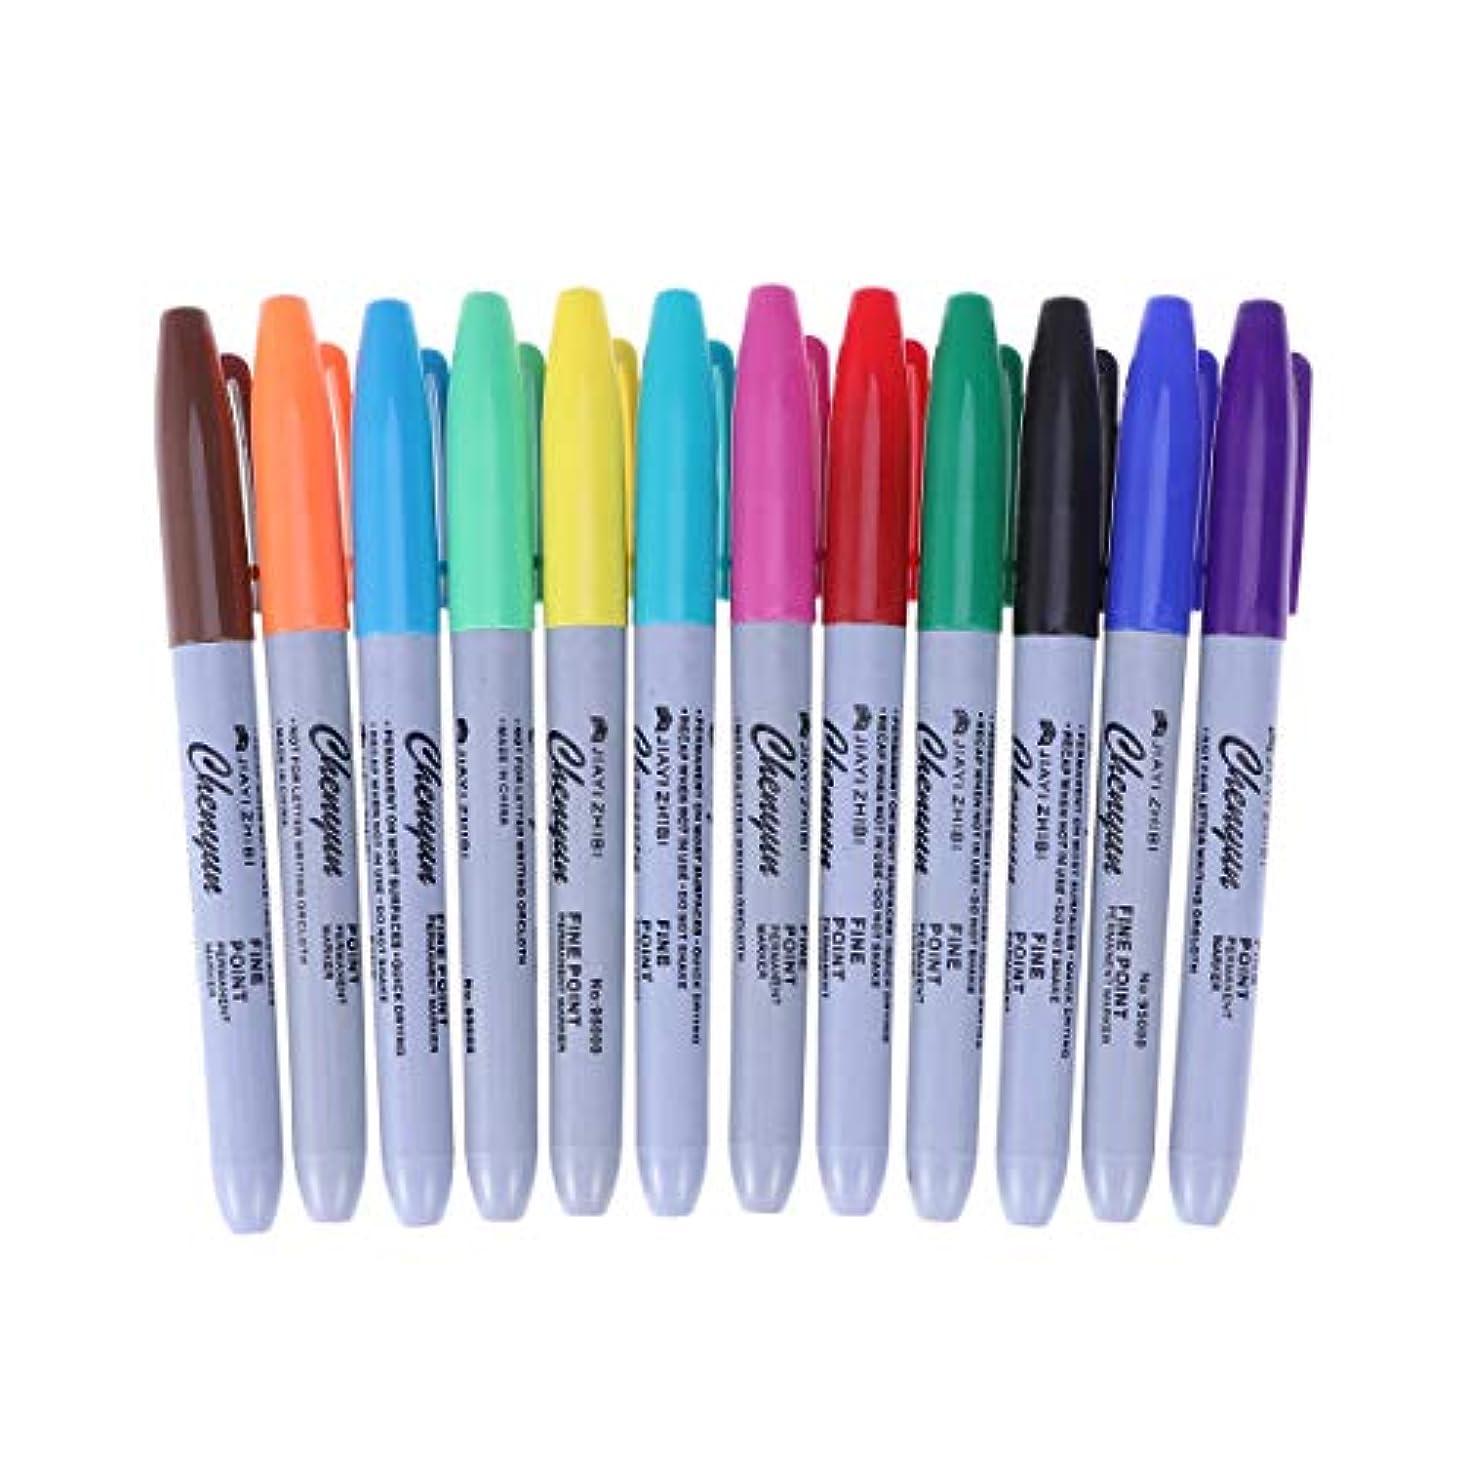 俳句箱盲目Healifty タトゥーペン防水高品質マーカーペン12色スキンマーカーペンスクライブツールタトゥー用品24ピース